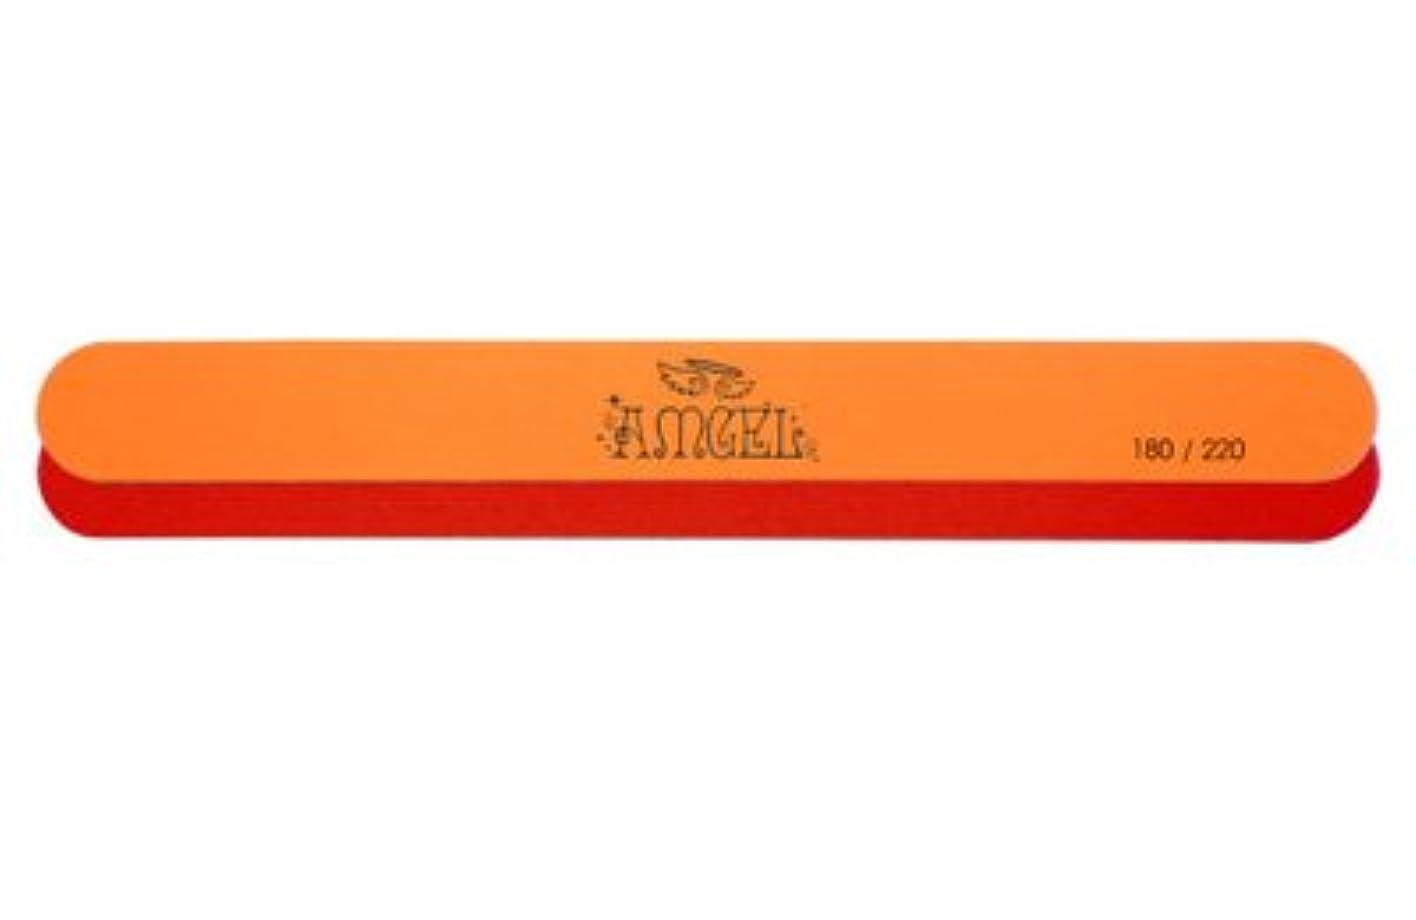 つかまえる中世のヘア★AMGEL(アンジェル) <BR>レッドオレンジエメリー 180/220